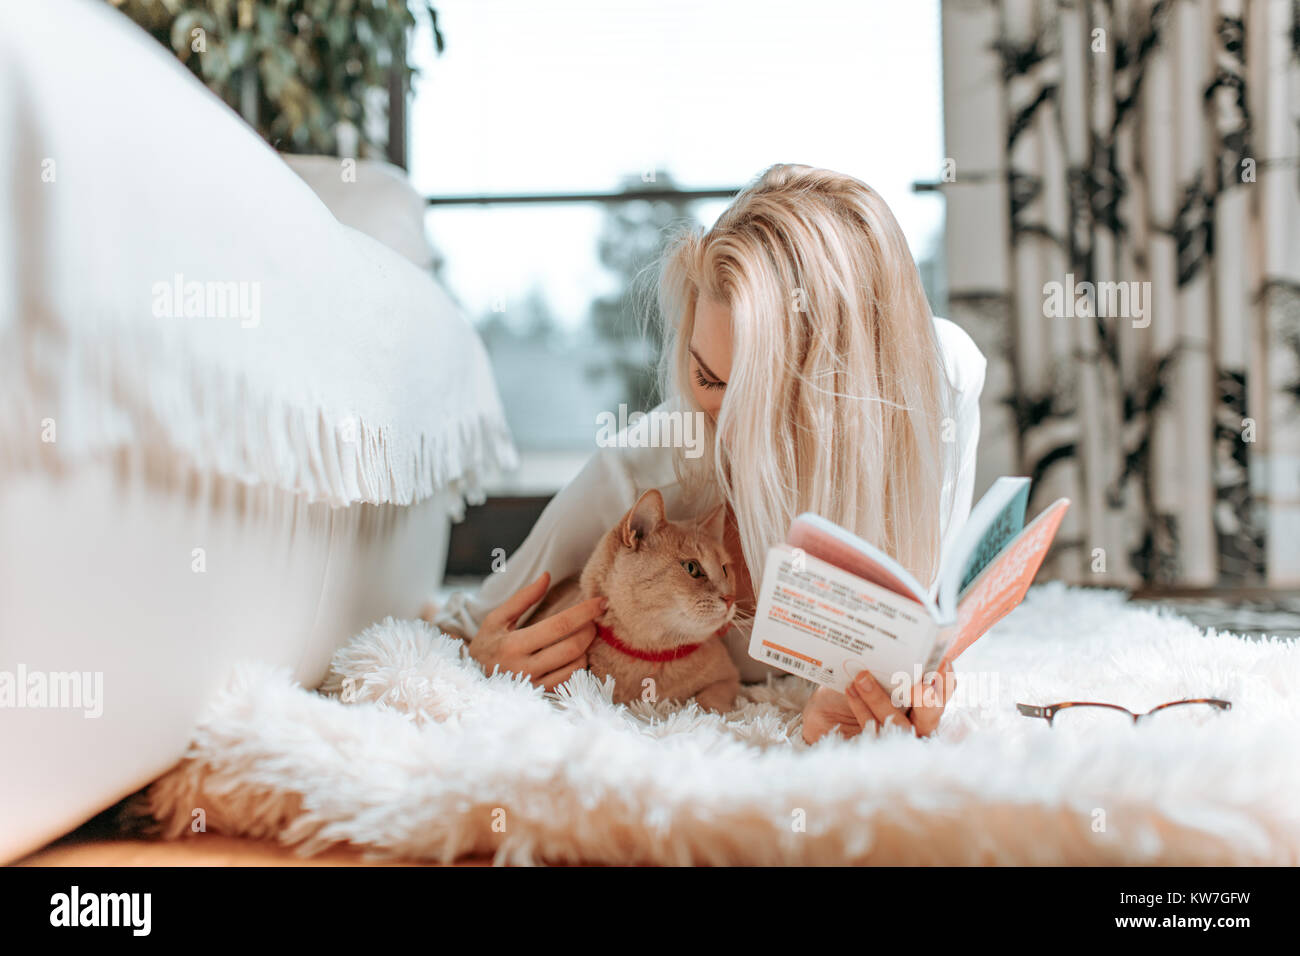 Hermosa Joven Rubia Estudiante Estudiar O Leer Un Libro Fascinante